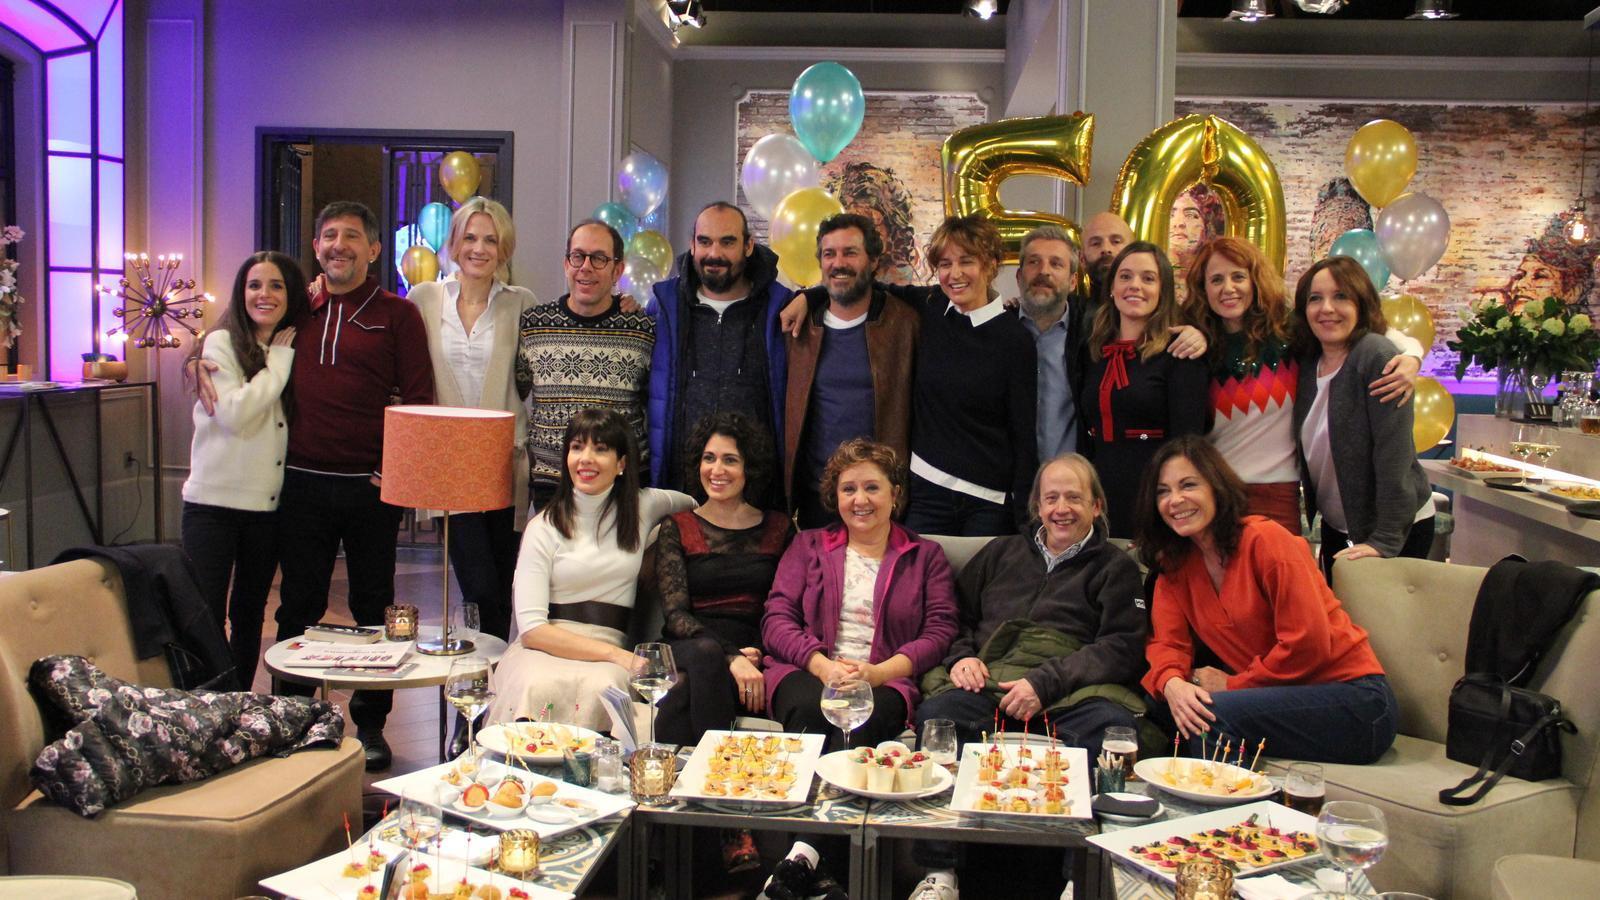 Els protagonistes de 'Com si fos ahir', a la festa del 50è aniversari del Miquel que se celebrarà durant el capítol 500